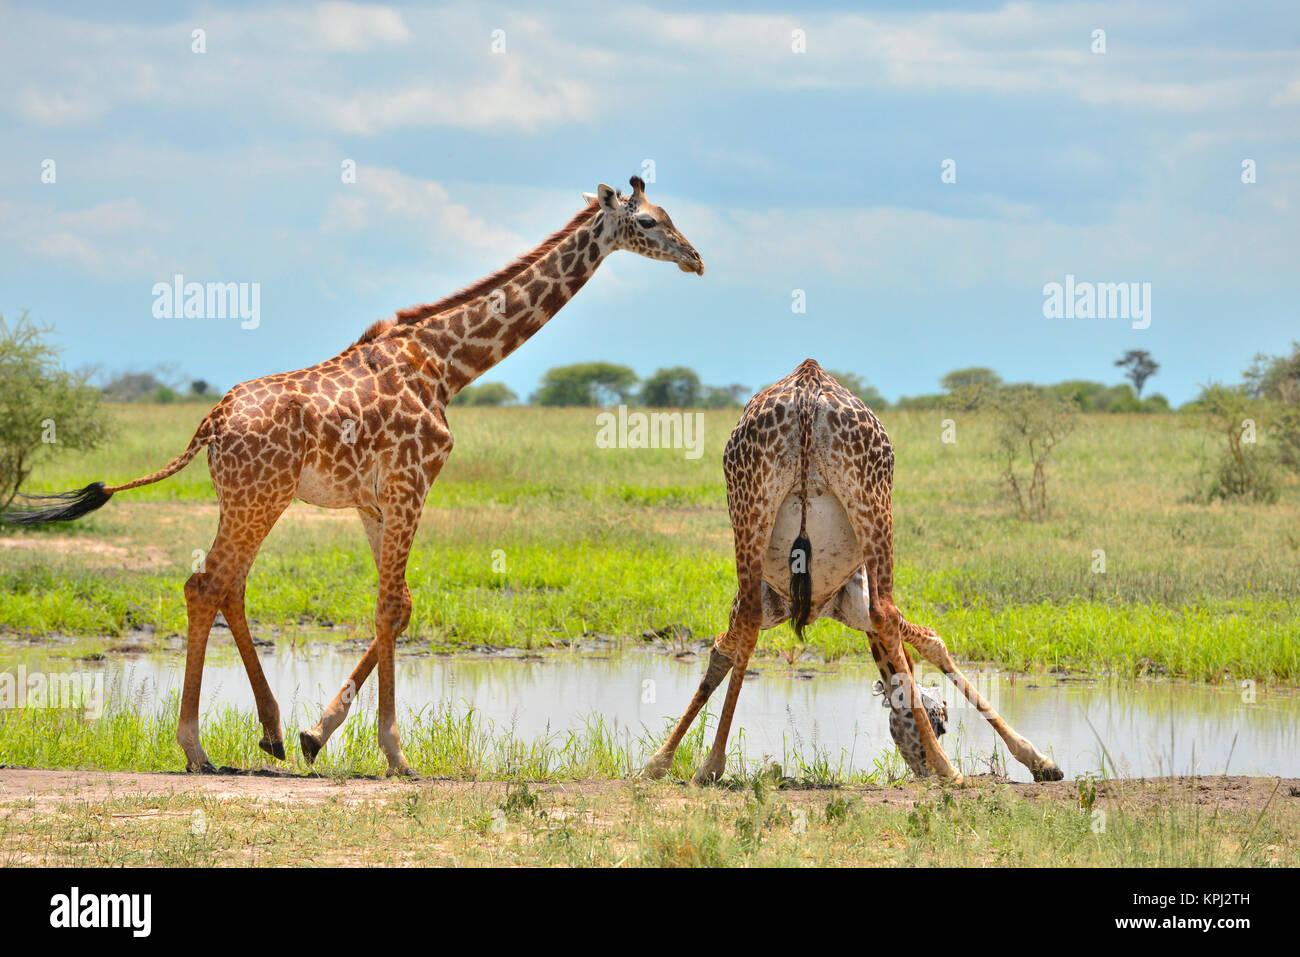 Parco Nazionale di Tarangire e in Tanzania è un tesoro nascosto con il bel paesaggio lungo il fiume Tarangire. Immagini Stock